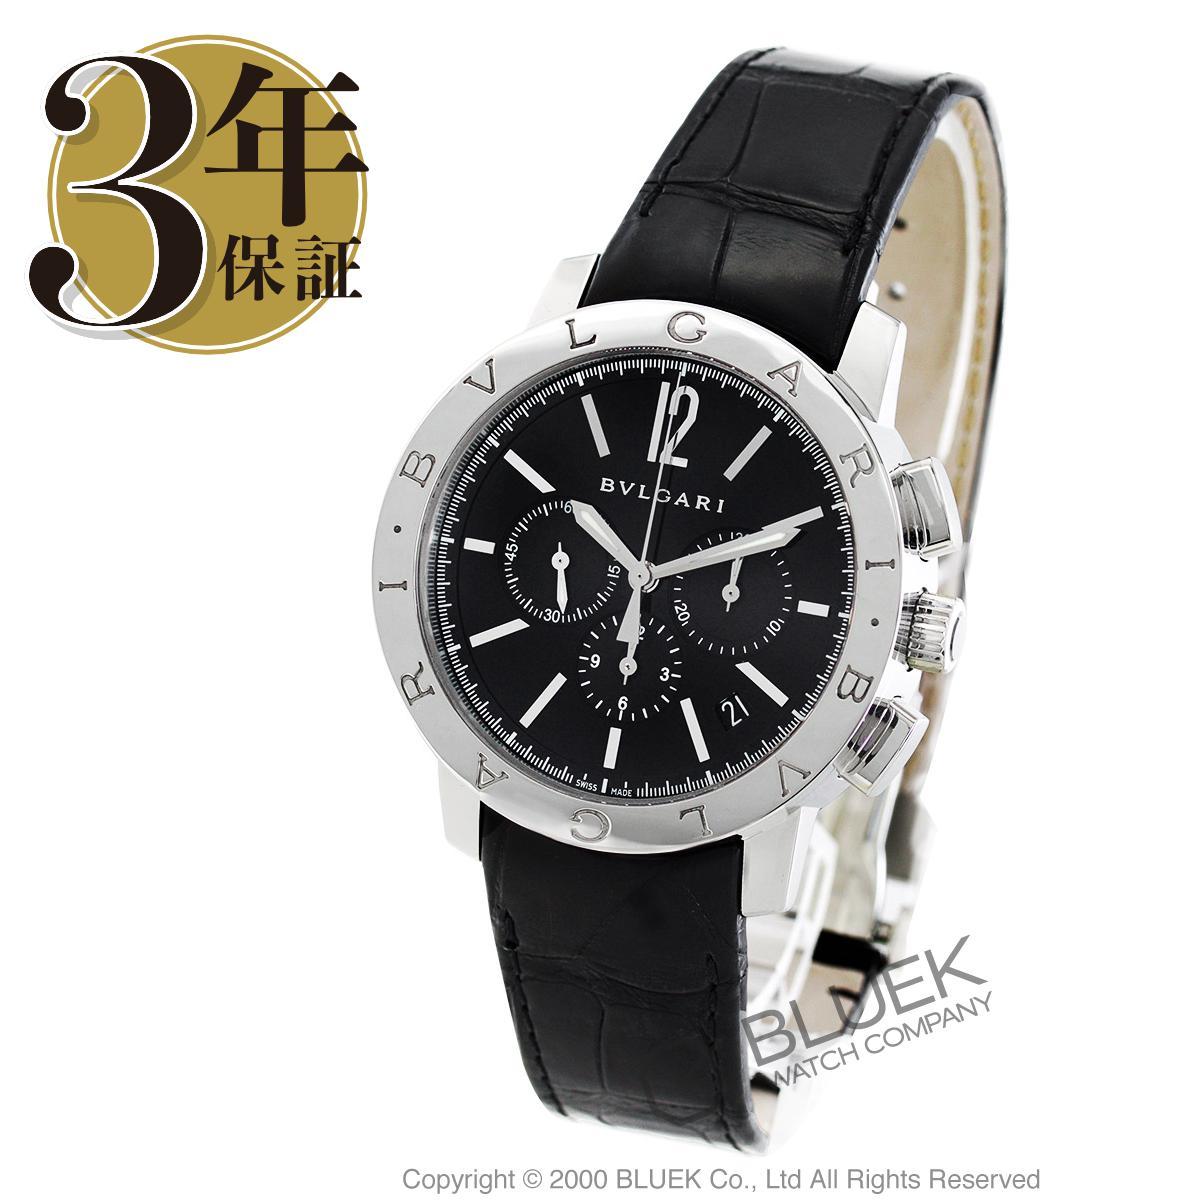 ブルガリ ブルガリブルガリ クロノグラフ アリゲーターレザー 腕時計 メンズ BVLGARI BB41BSLDCH_8